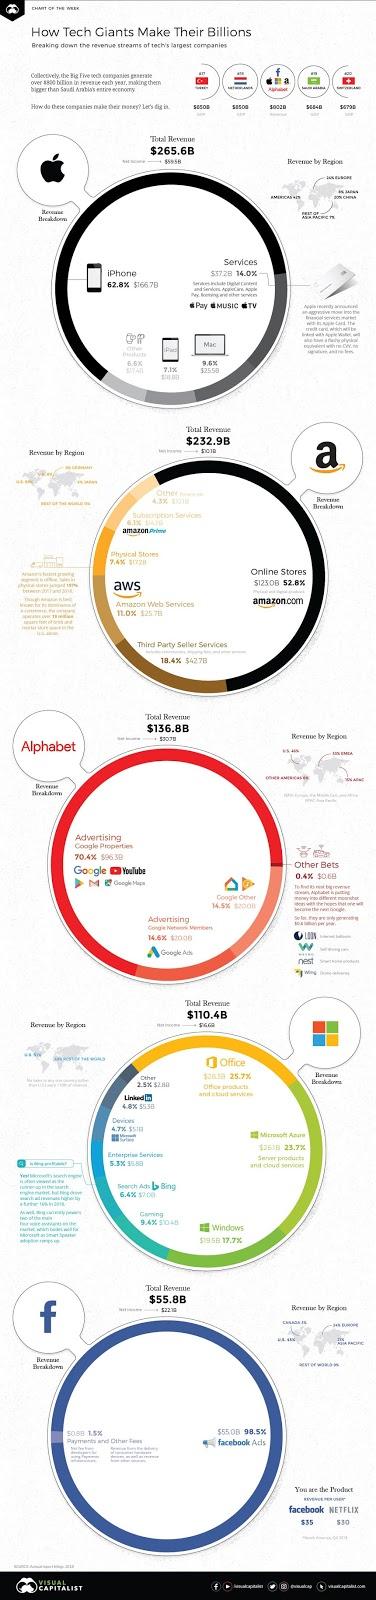 Alphabet والأمازون وأبل والفيسبوك ومايكروسوفت: كيف تكسب شركات التكنولوجيا الكبرى الإيرادات